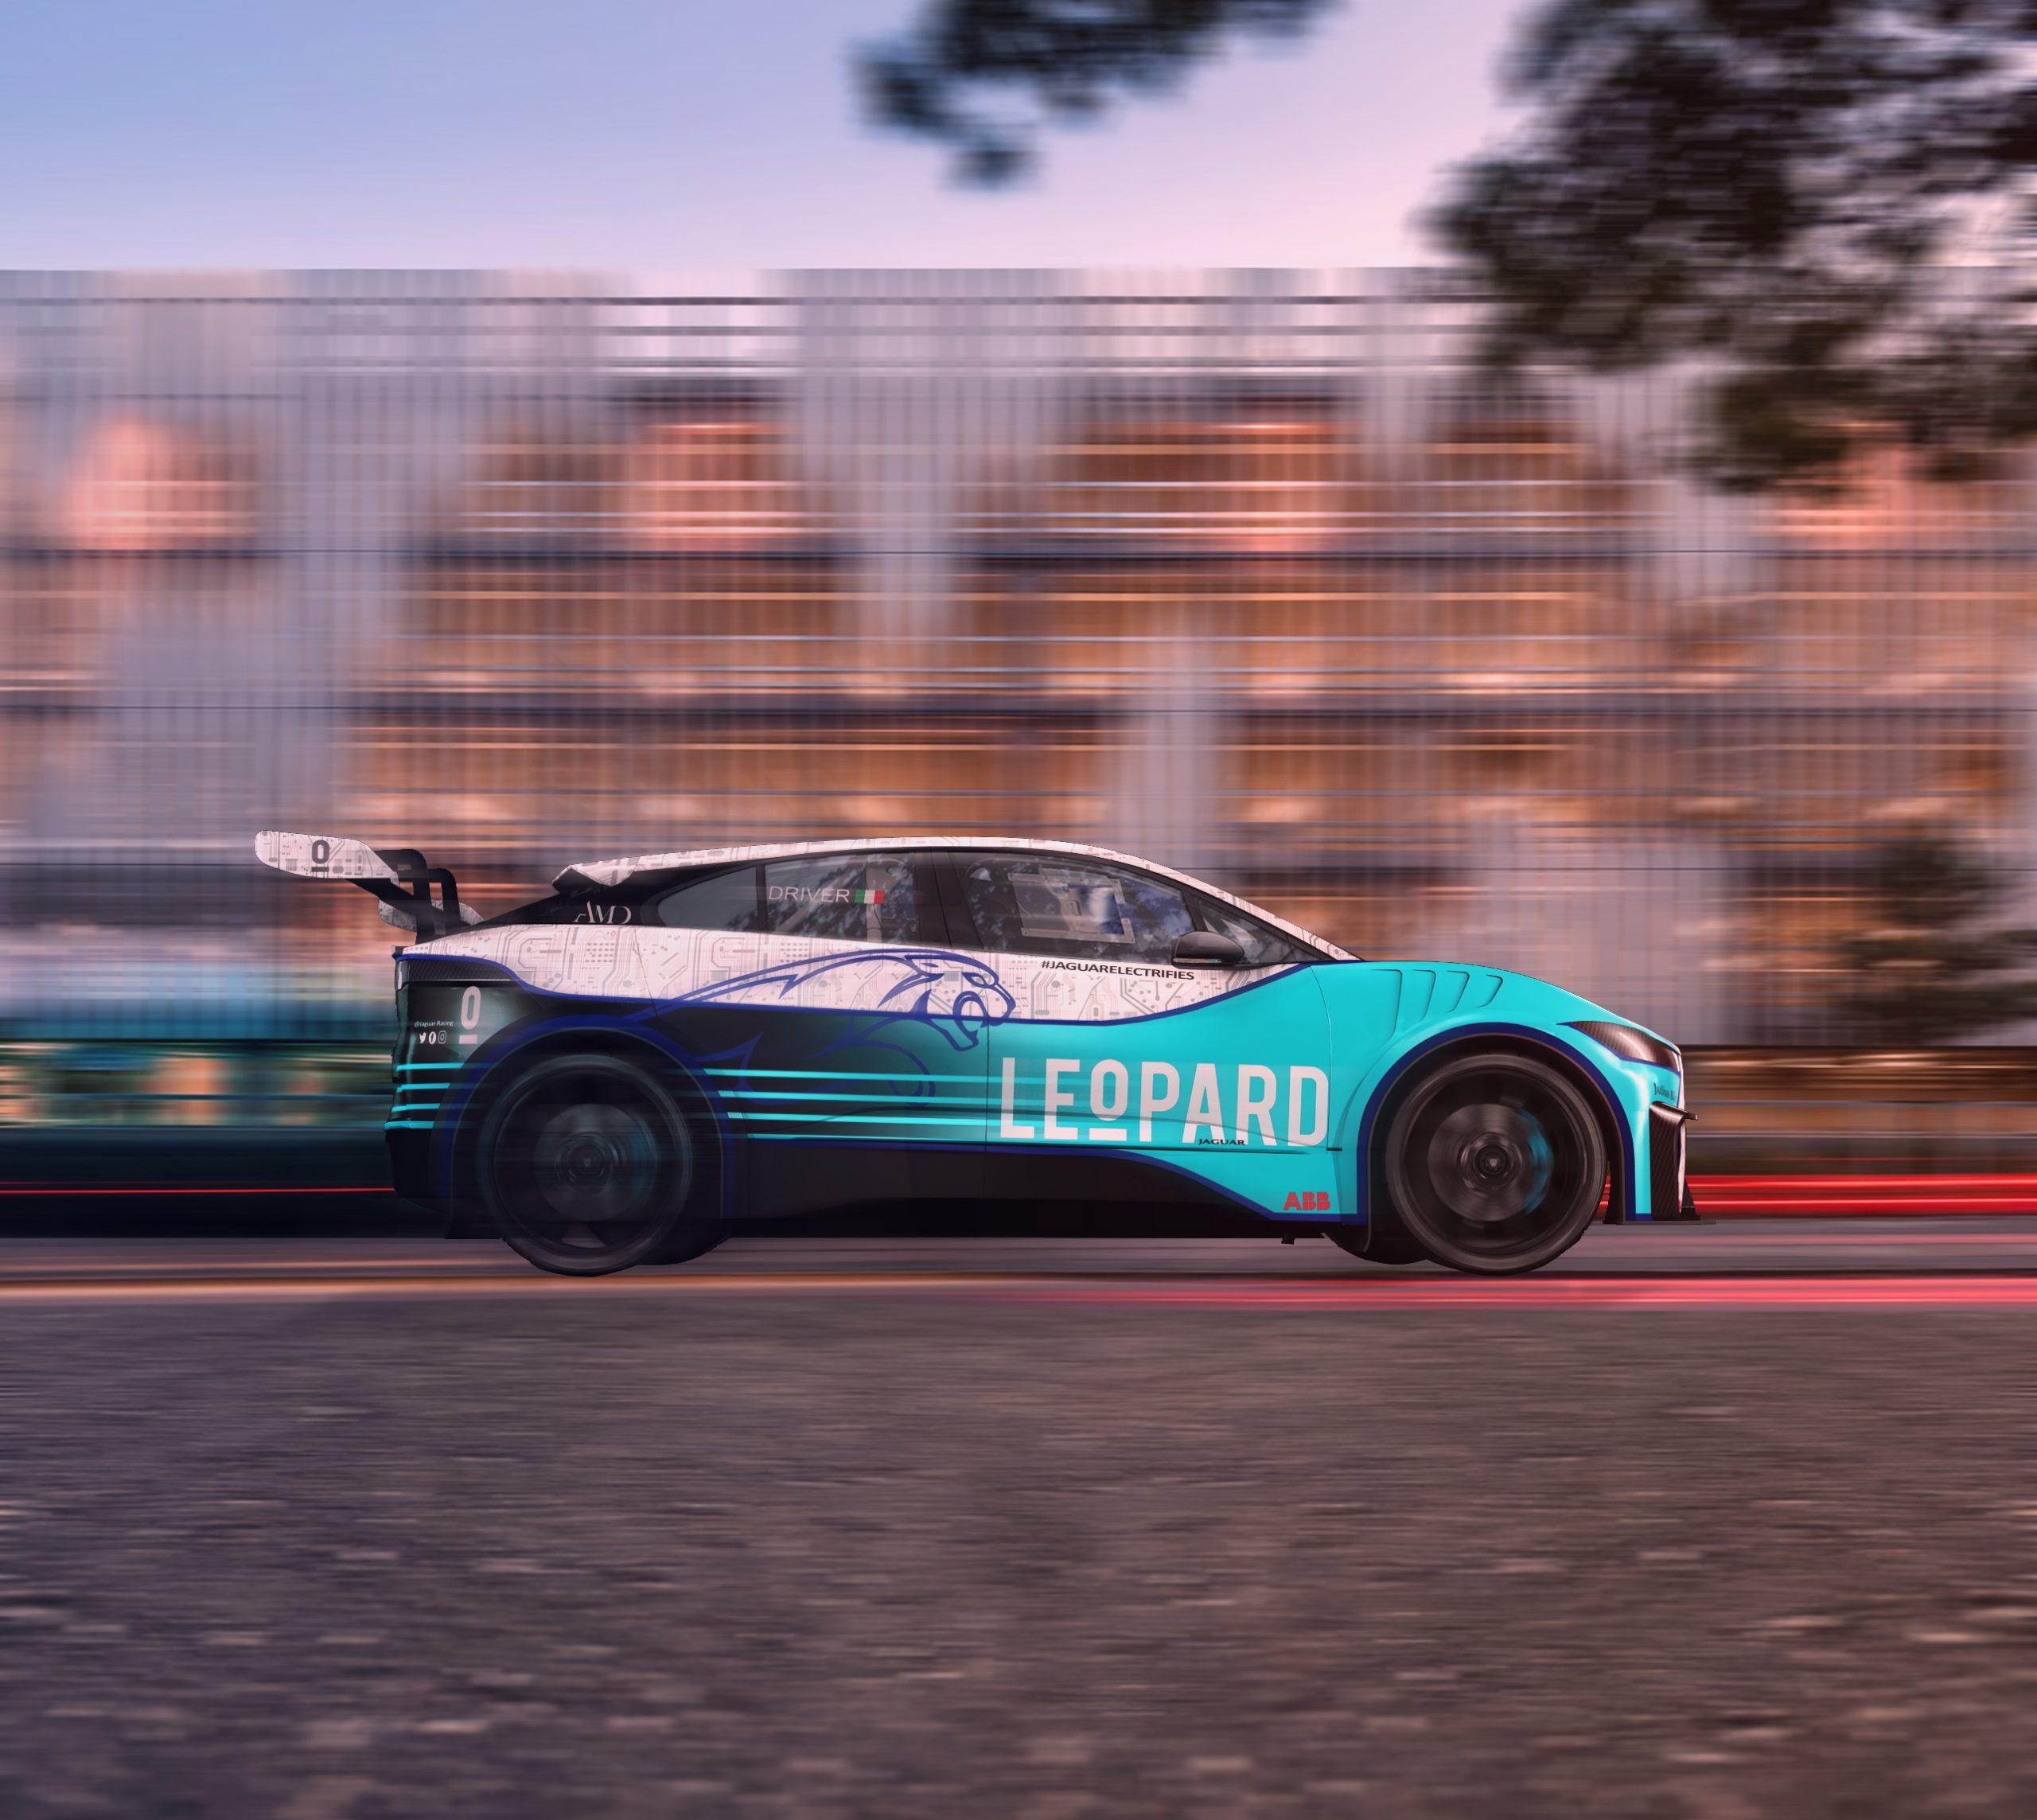 Jaguar-i-pace-etrophy-Car-Livery-AMD-09.jpg